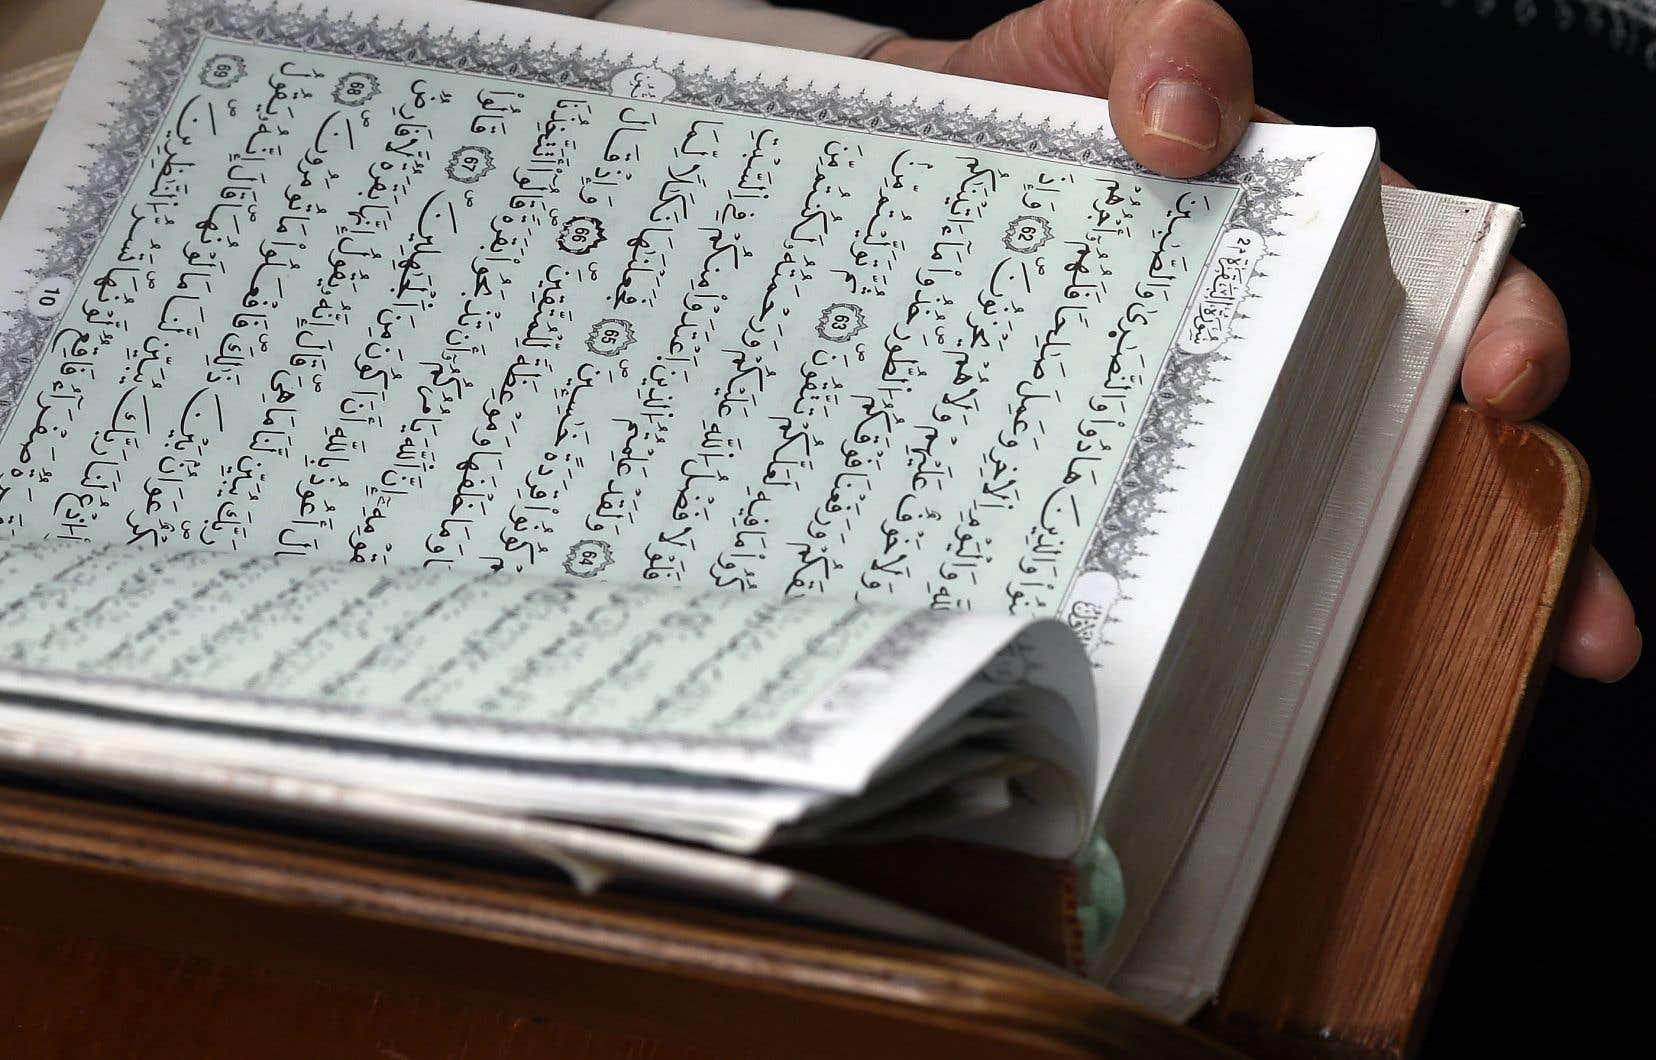 Selon l'auteur Karim Akouche, le Coran est un texte ambivalent et désordonné, où l'on trouve à la fois l'amour et la haine, la guerre et la paix.